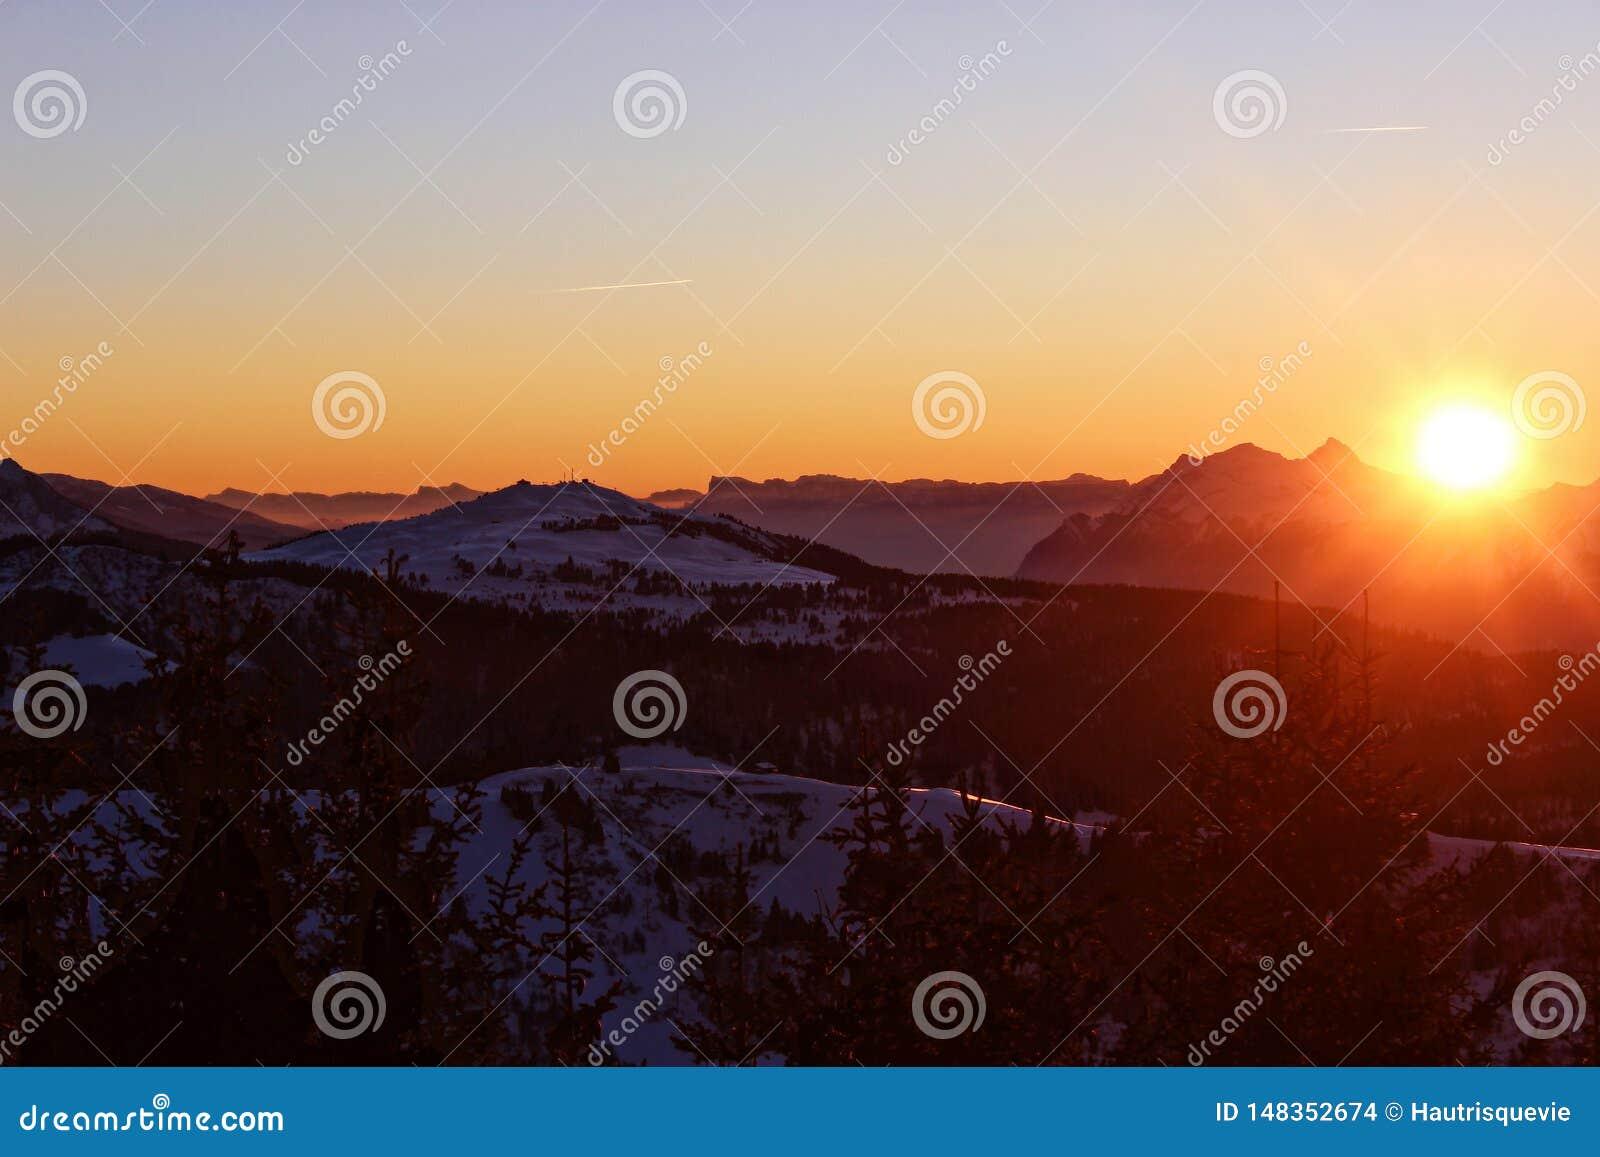 Solnedgången smeker bergen i de franska fjällängarna